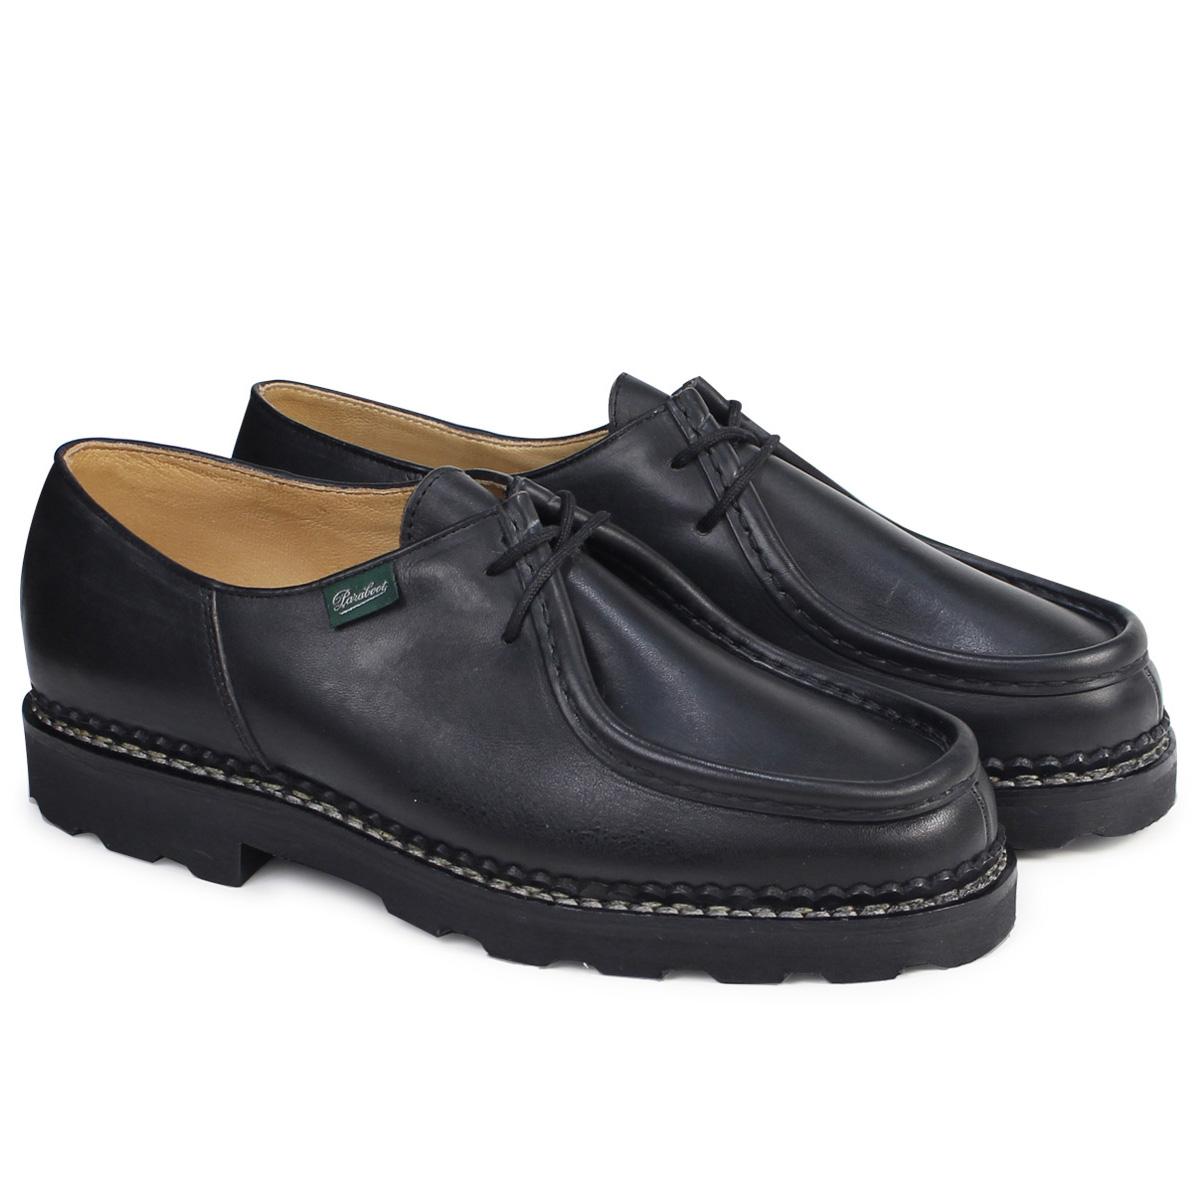 PARABOOT MICHAEL パラブーツ ミカエル シューズ チロリアンシューズ 715604 メンズ レディース 靴 ブラック [4/7 追加入荷]